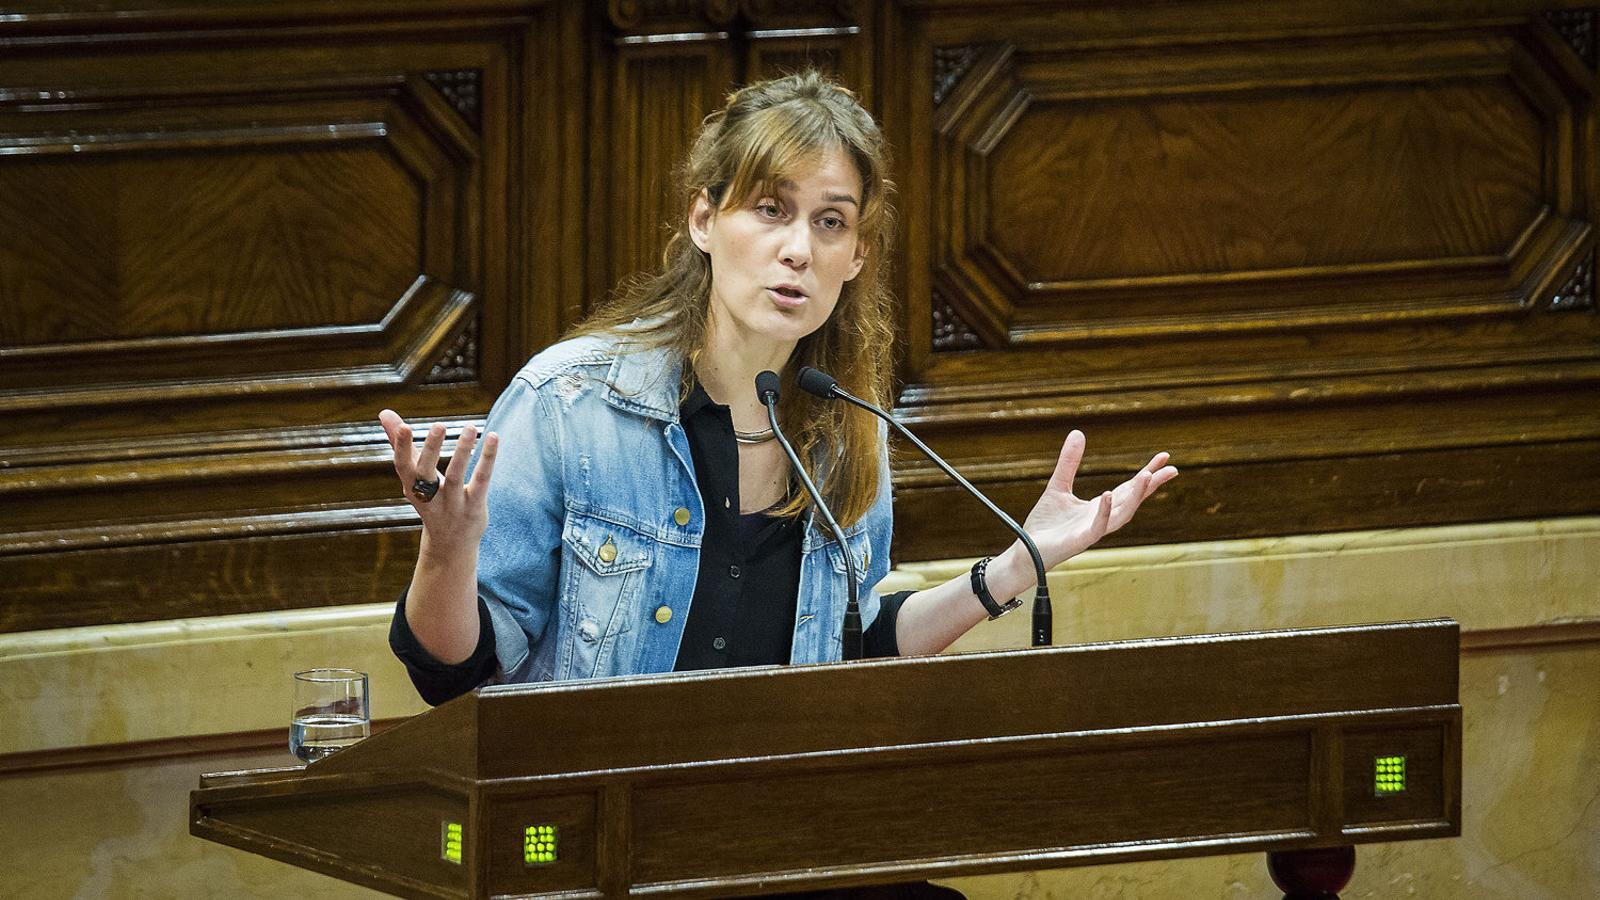 La número 3 de la llista de Catalunya en Comú - Podem al Parlament, Jéssica Albiach.